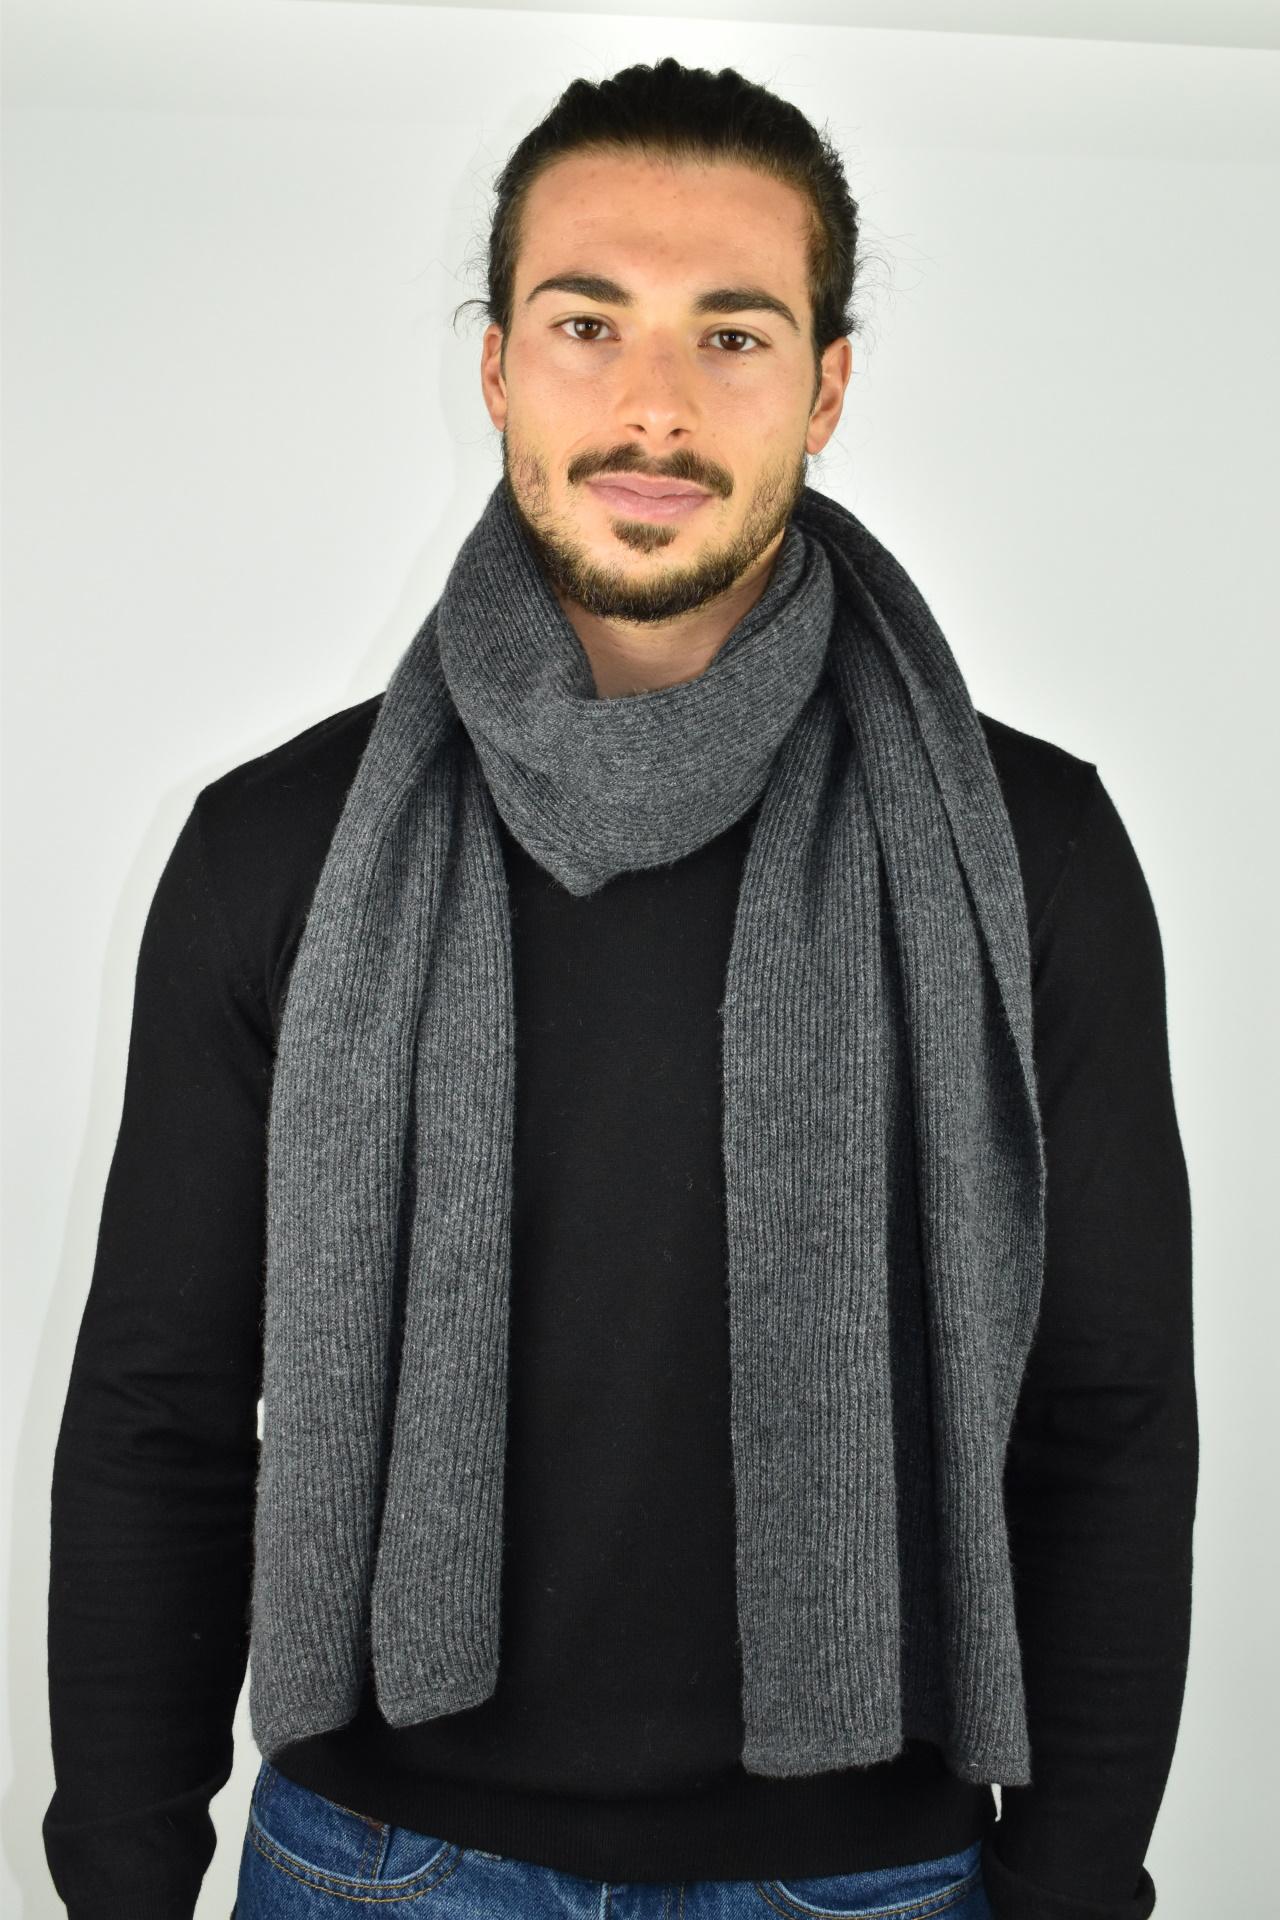 JURIDARIO GRIGIO SCIARPA UOMO 100 PURO CASHMERE COSTE LARGHE 2 1stAmerican sciarpa da uomo 100% puro cashmere Made in Italy a coste larghe - calda sciarpa invernale